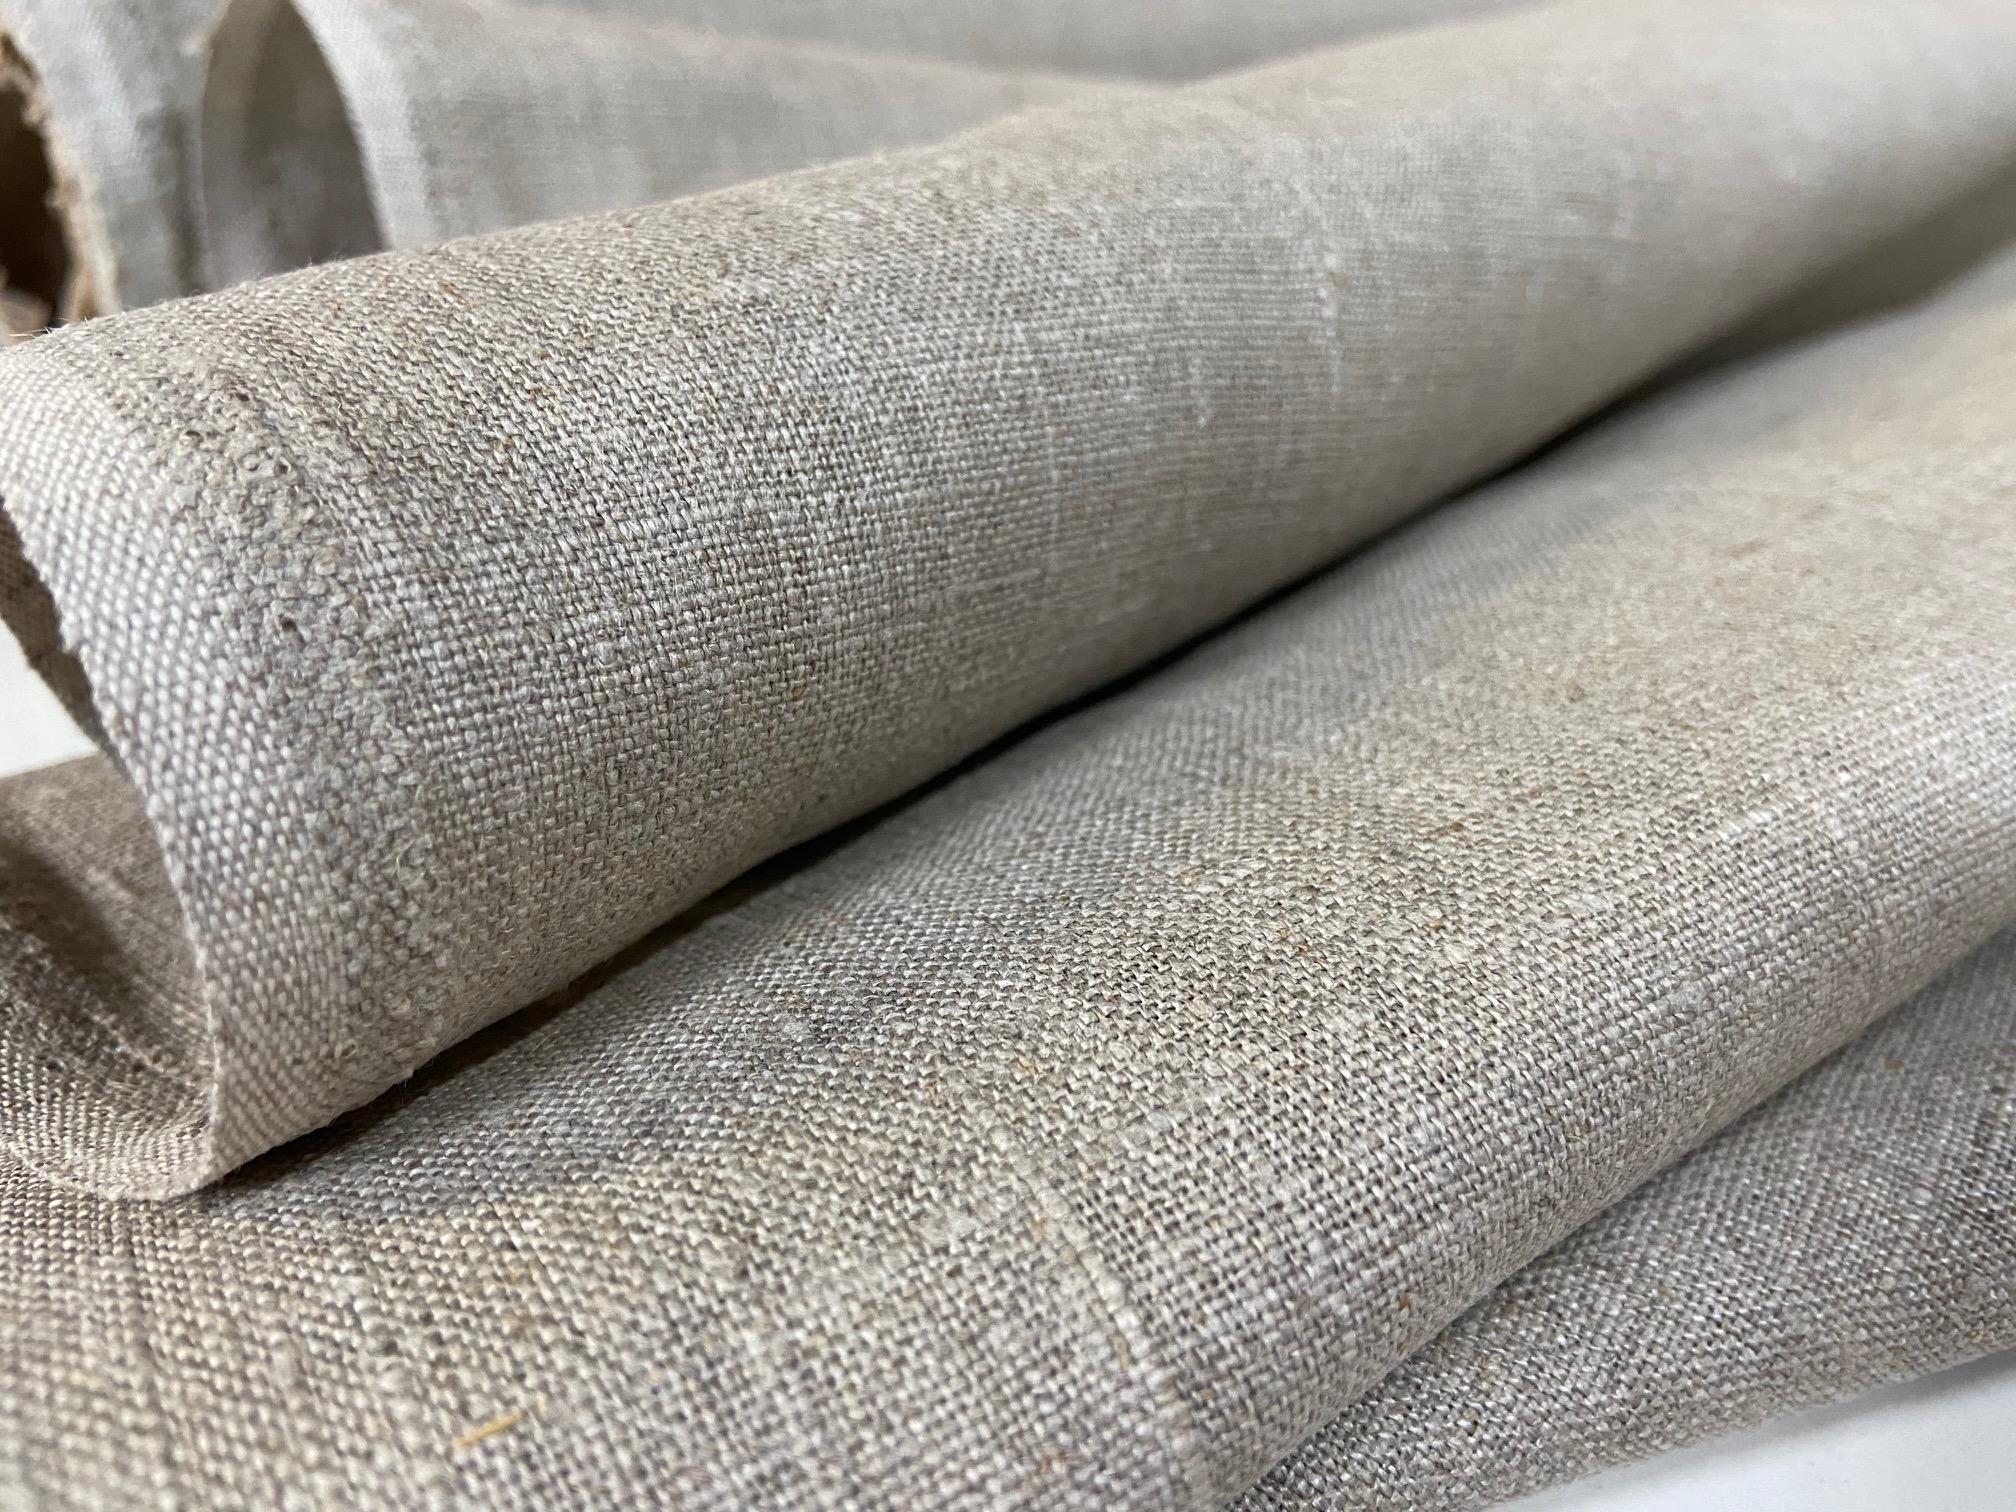 Linen Cloth, art. 176876, 240 g/m²